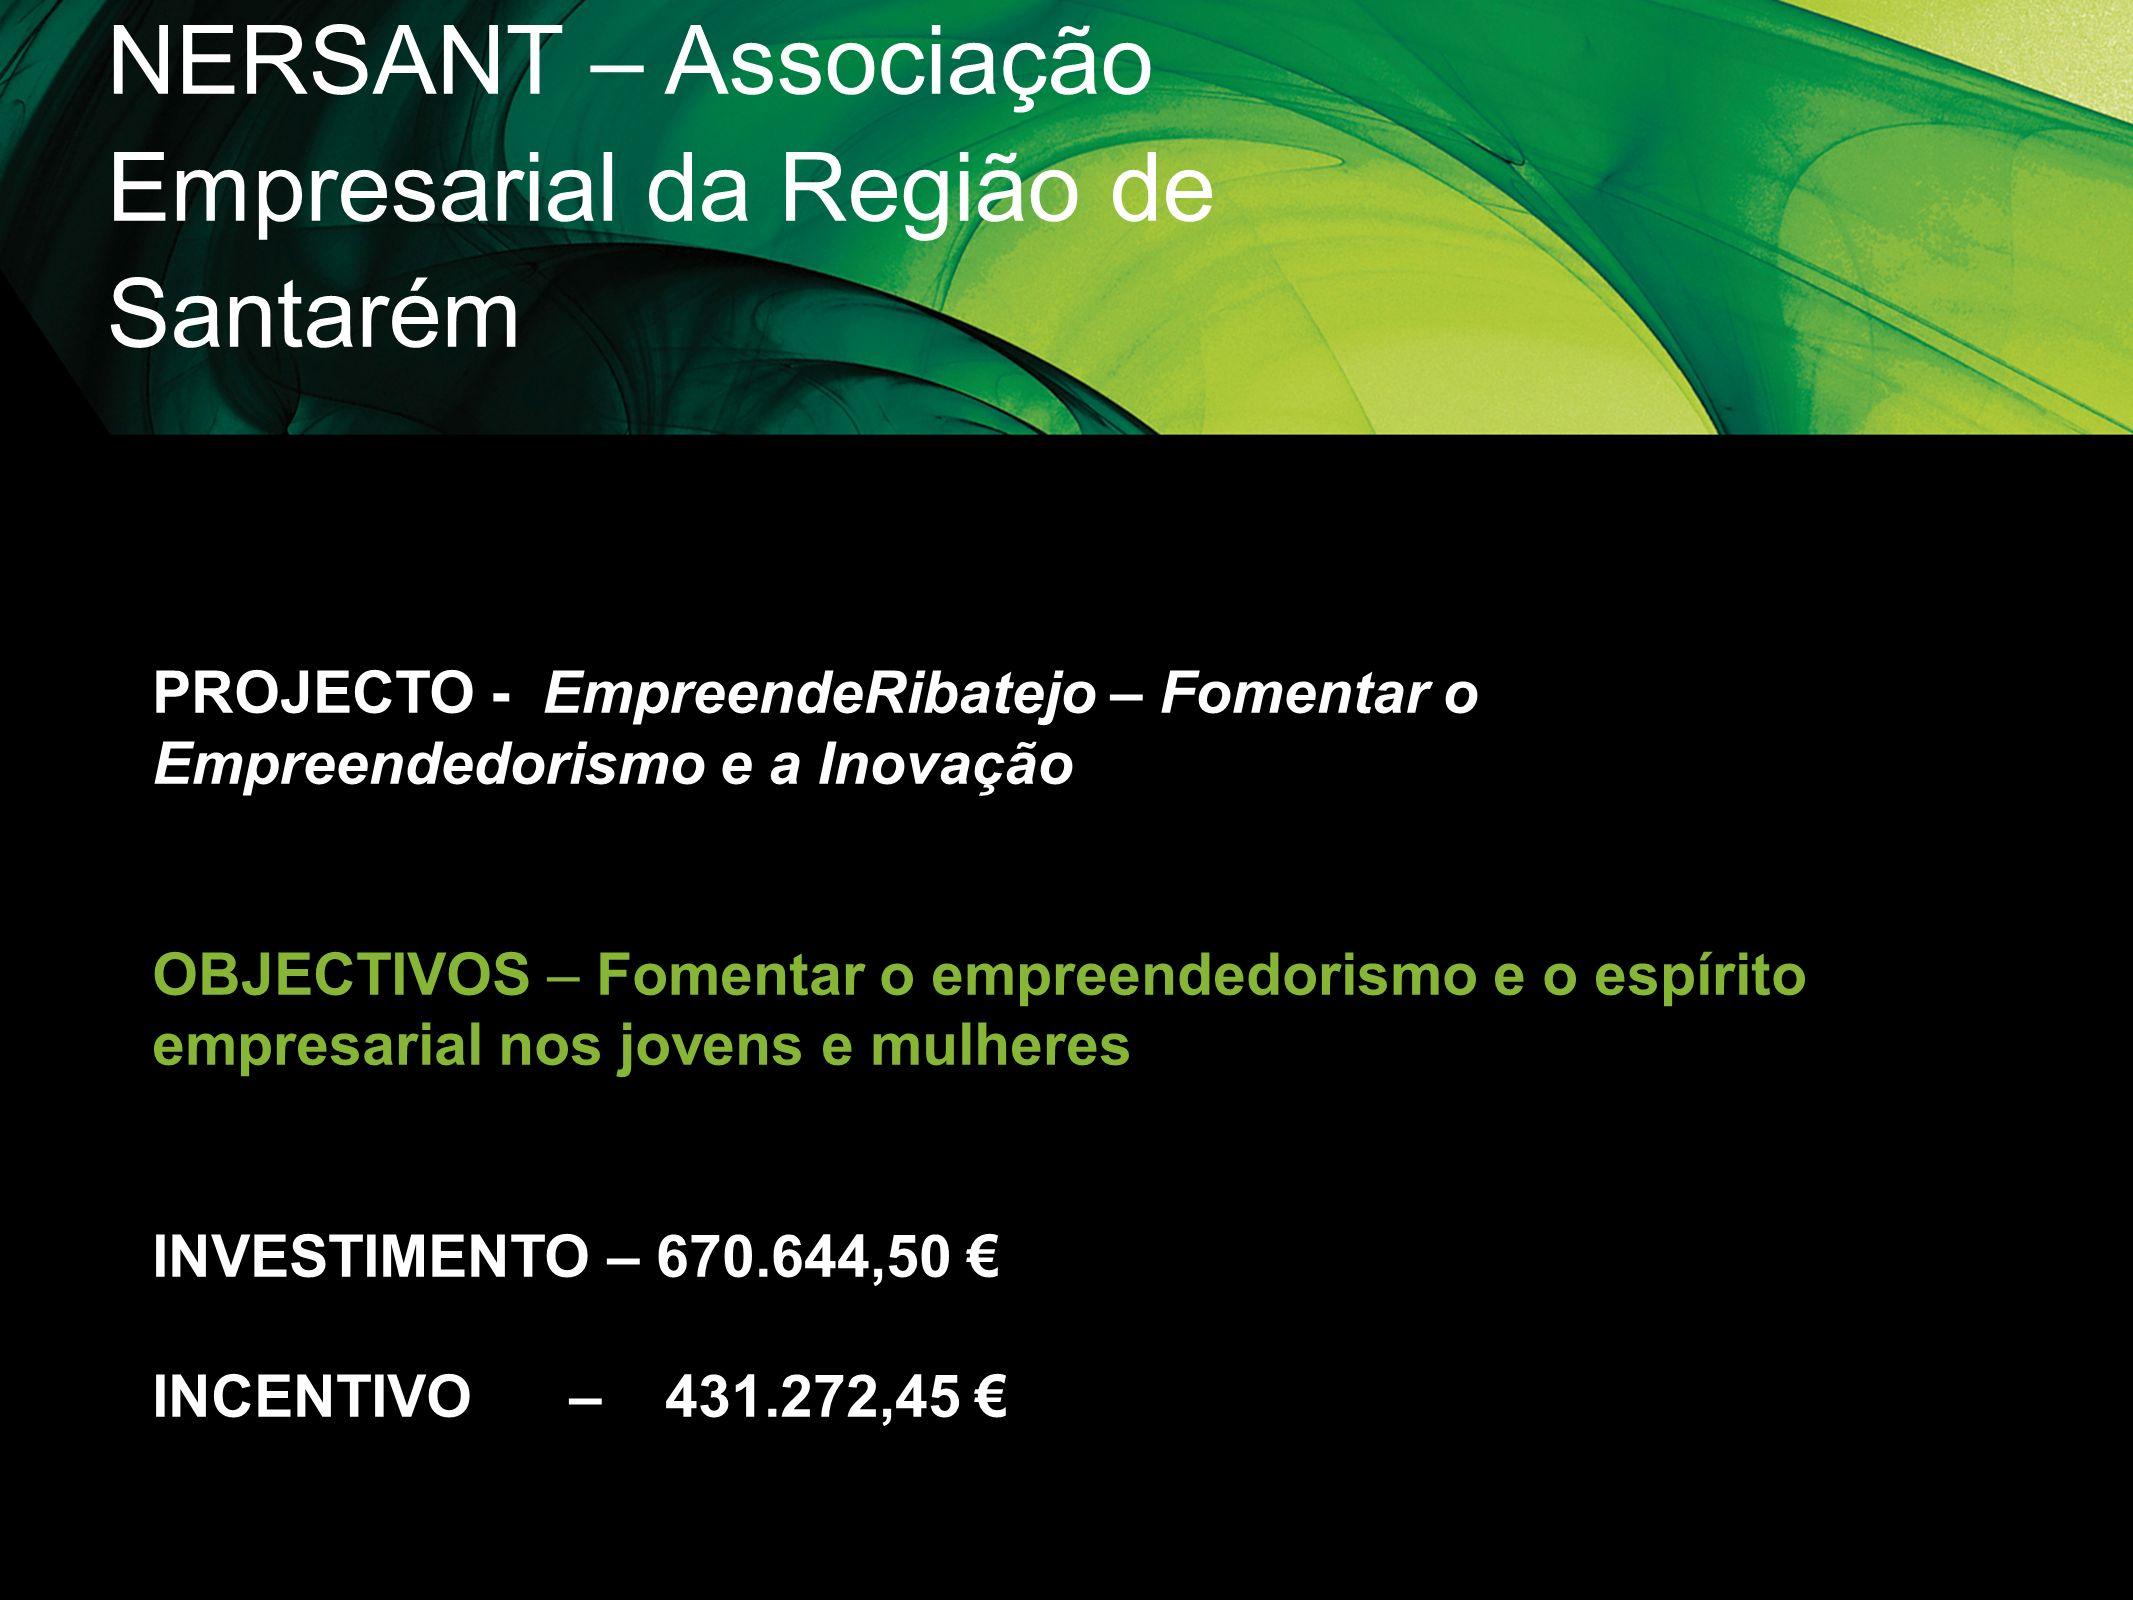 NERSANT – Associação Empresarial da Região de Santarém PROJECTO - EmpreendeRibatejo – Fomentar o Empreendedorismo e a Inovação OBJECTIVOS – Fomentar o